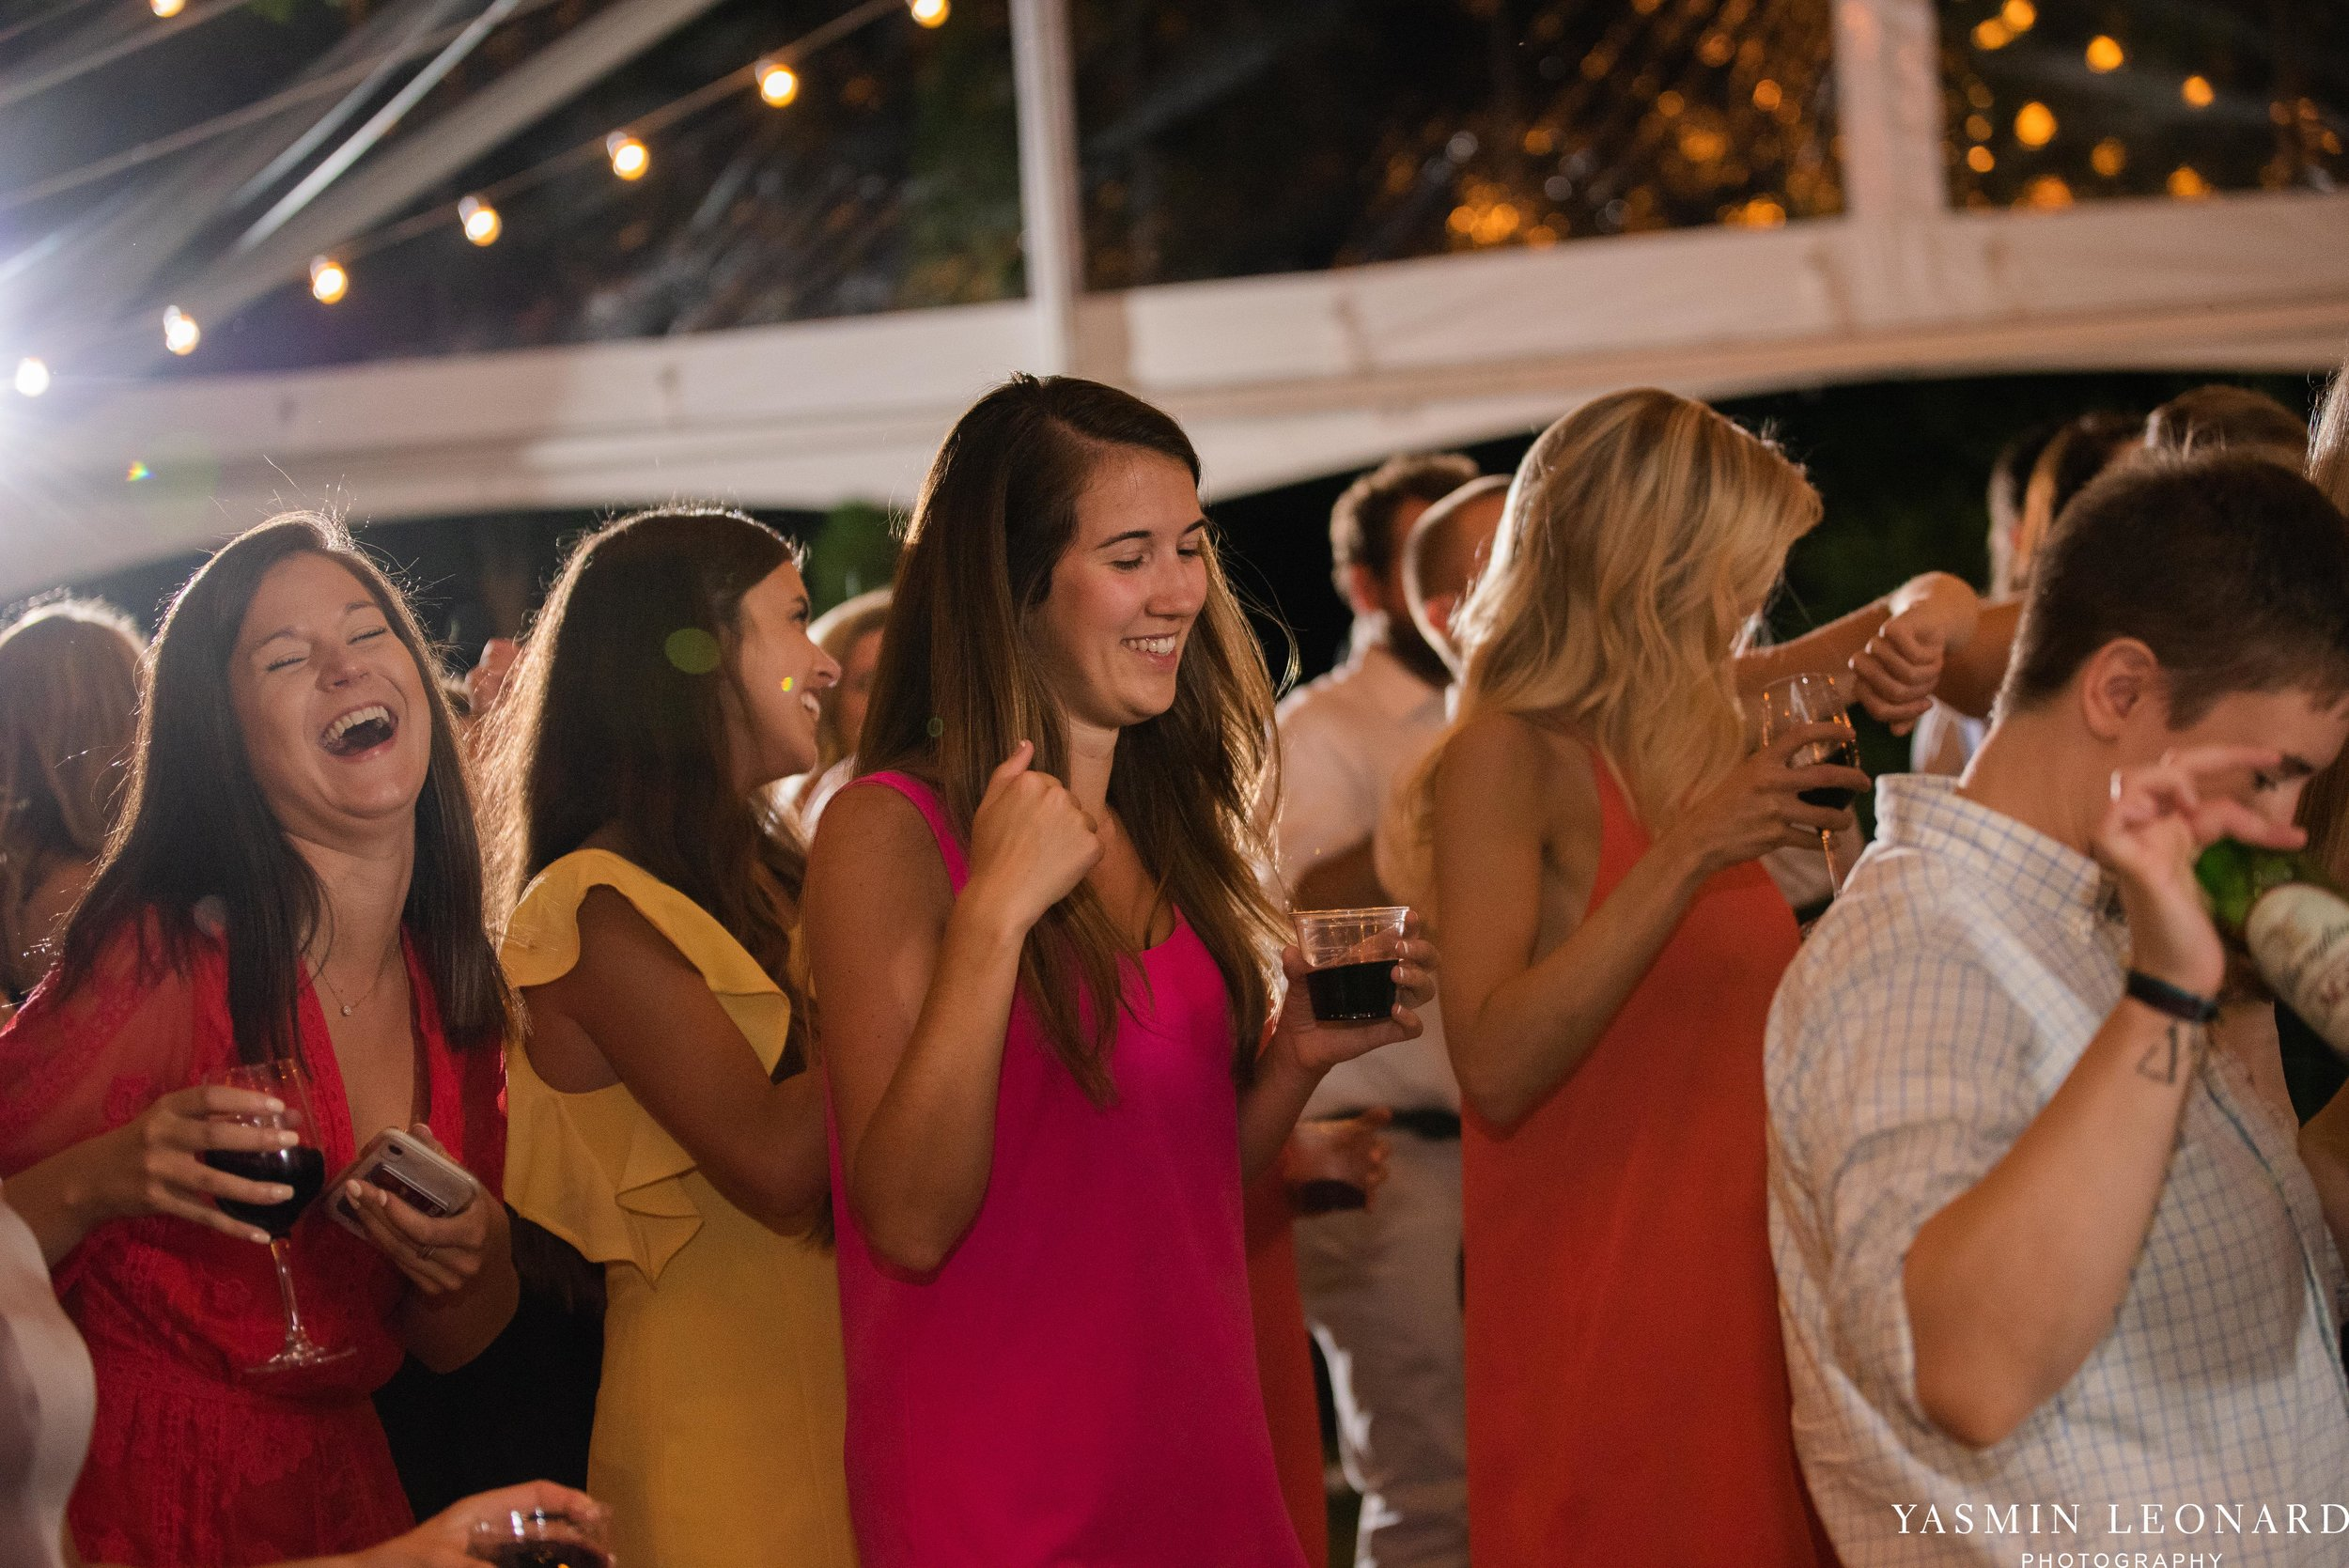 Boxwood Estate - Boxwood Estate Wedding - Luxury Wedding - Black and White Wedding - NC Wedding Venues - NC Weddings - NC Photographer - Lantern Release Grand Exit - Large Wedding Party - Yasmin Leonard Photography-76.jpg